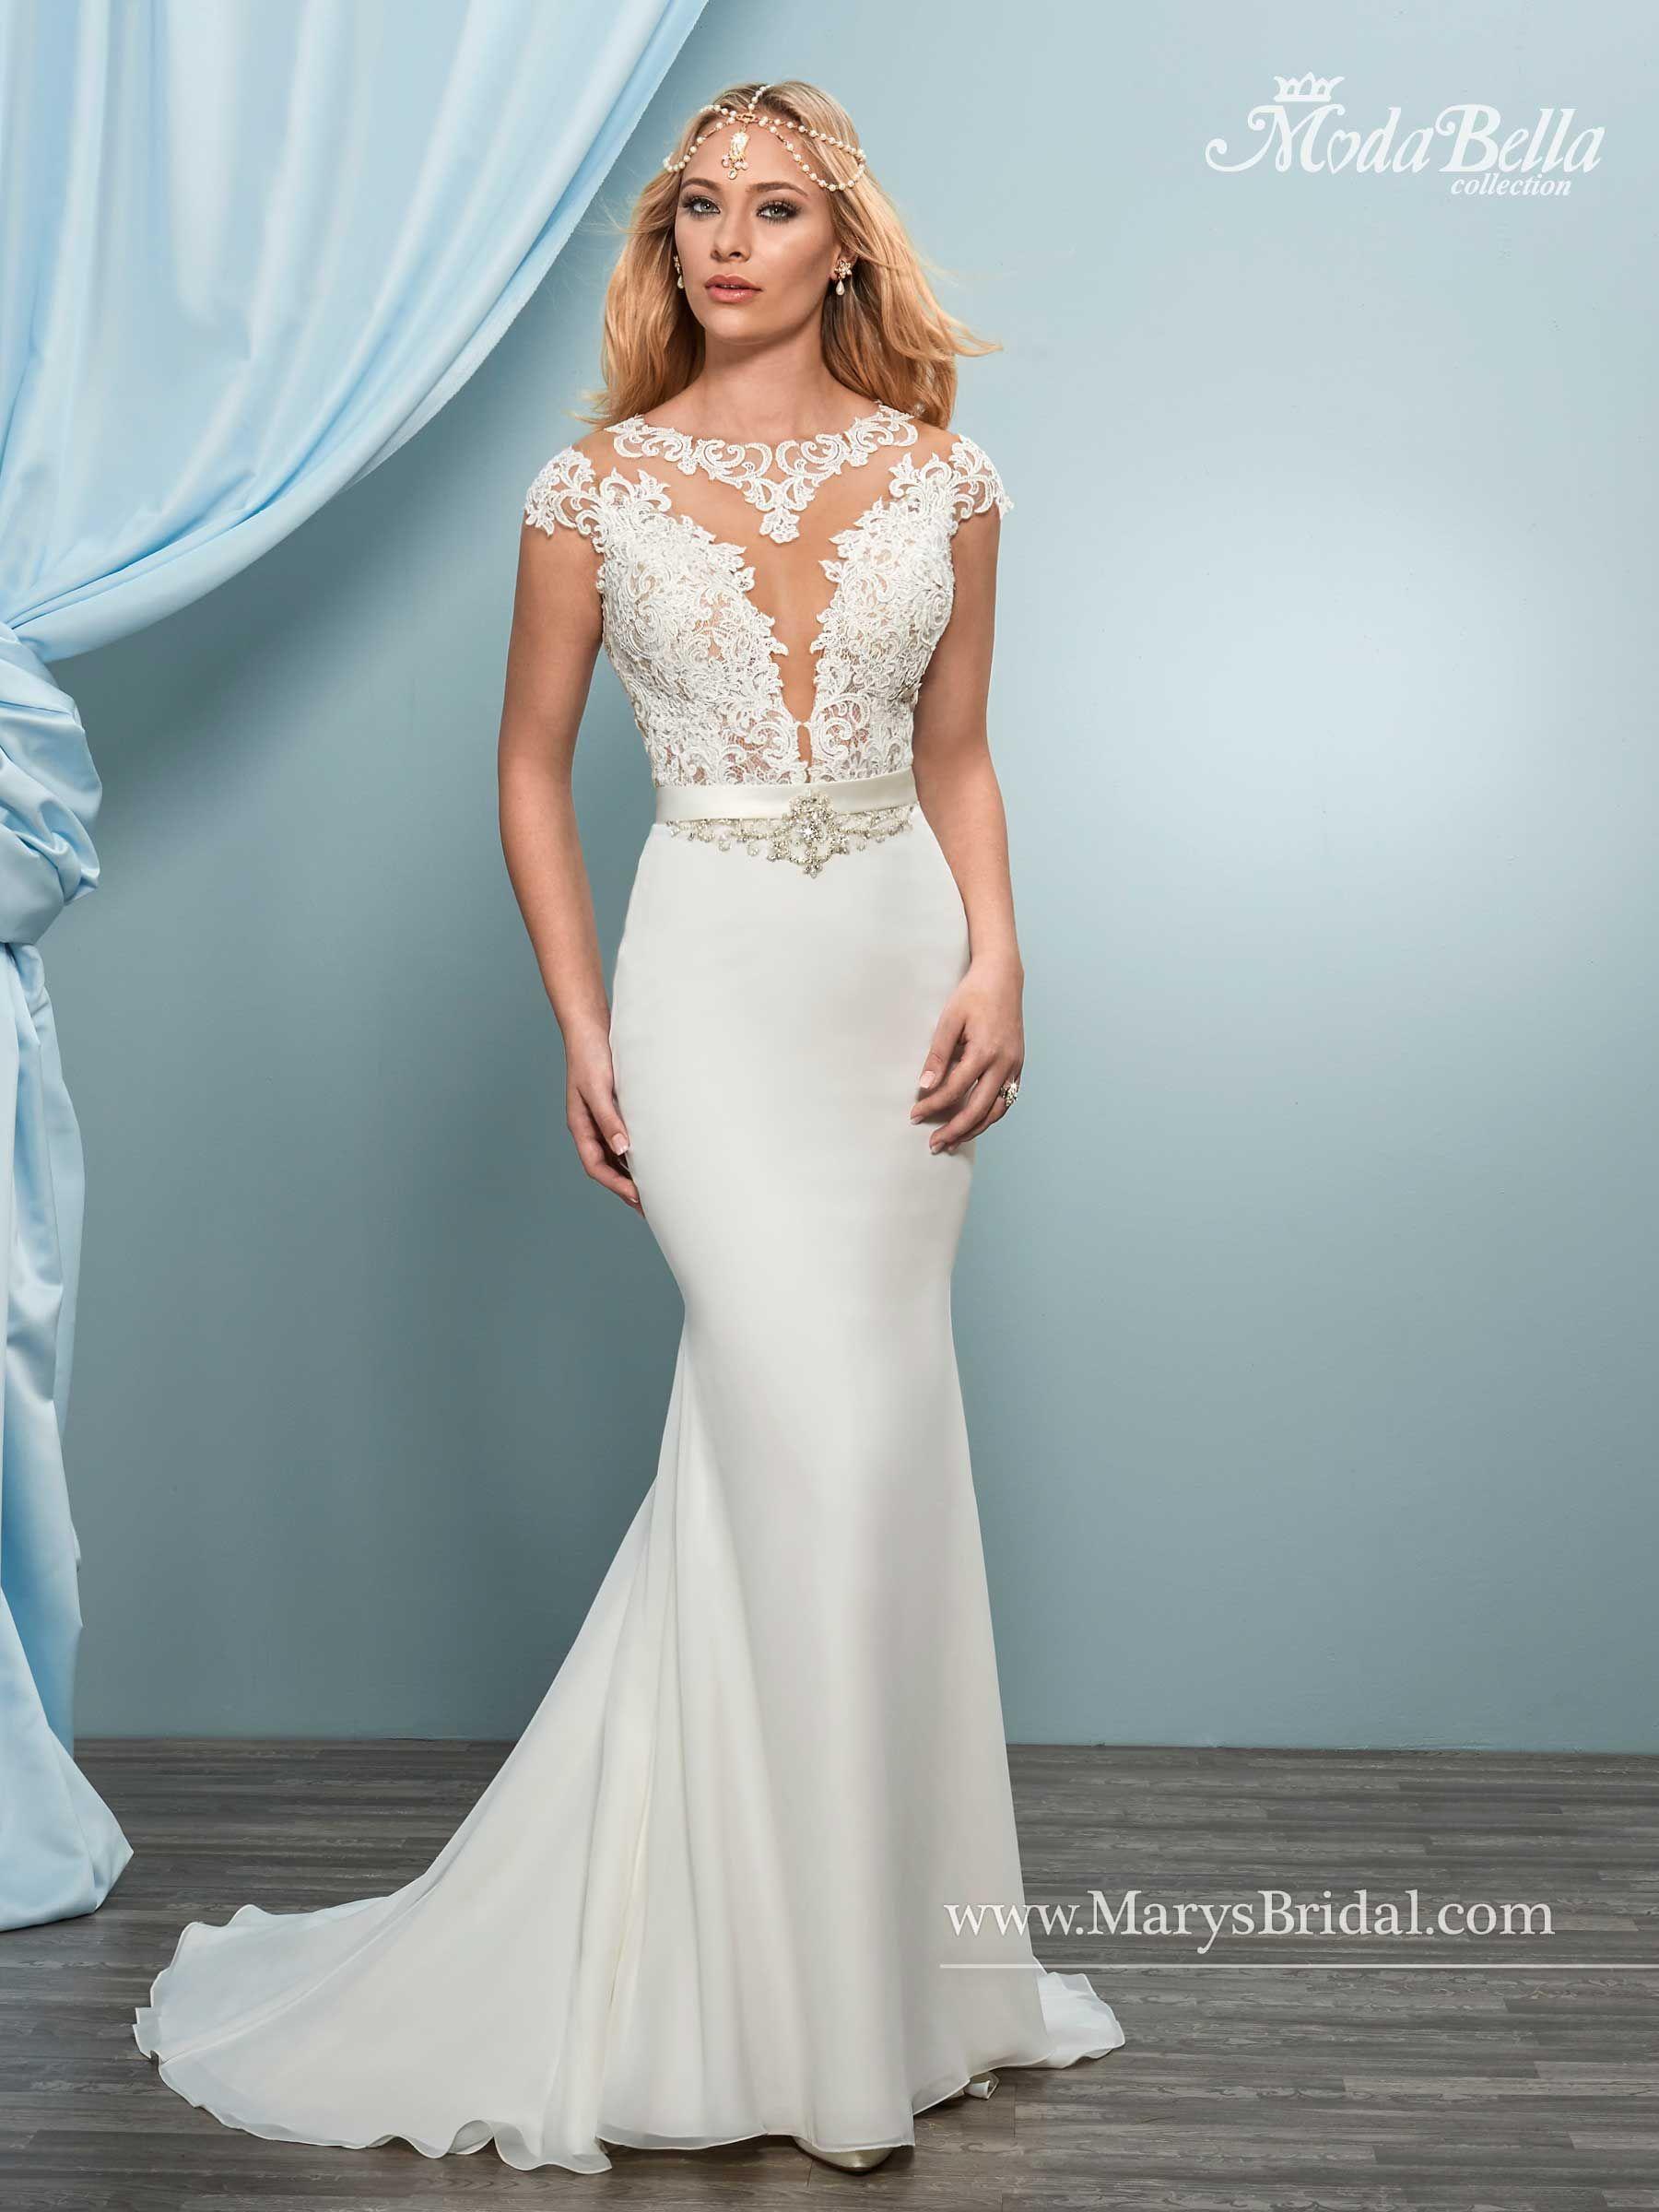 Bridal Gowns - Moda Bella - Style: 3Y646 | Mermaid Wedding Gowns ...